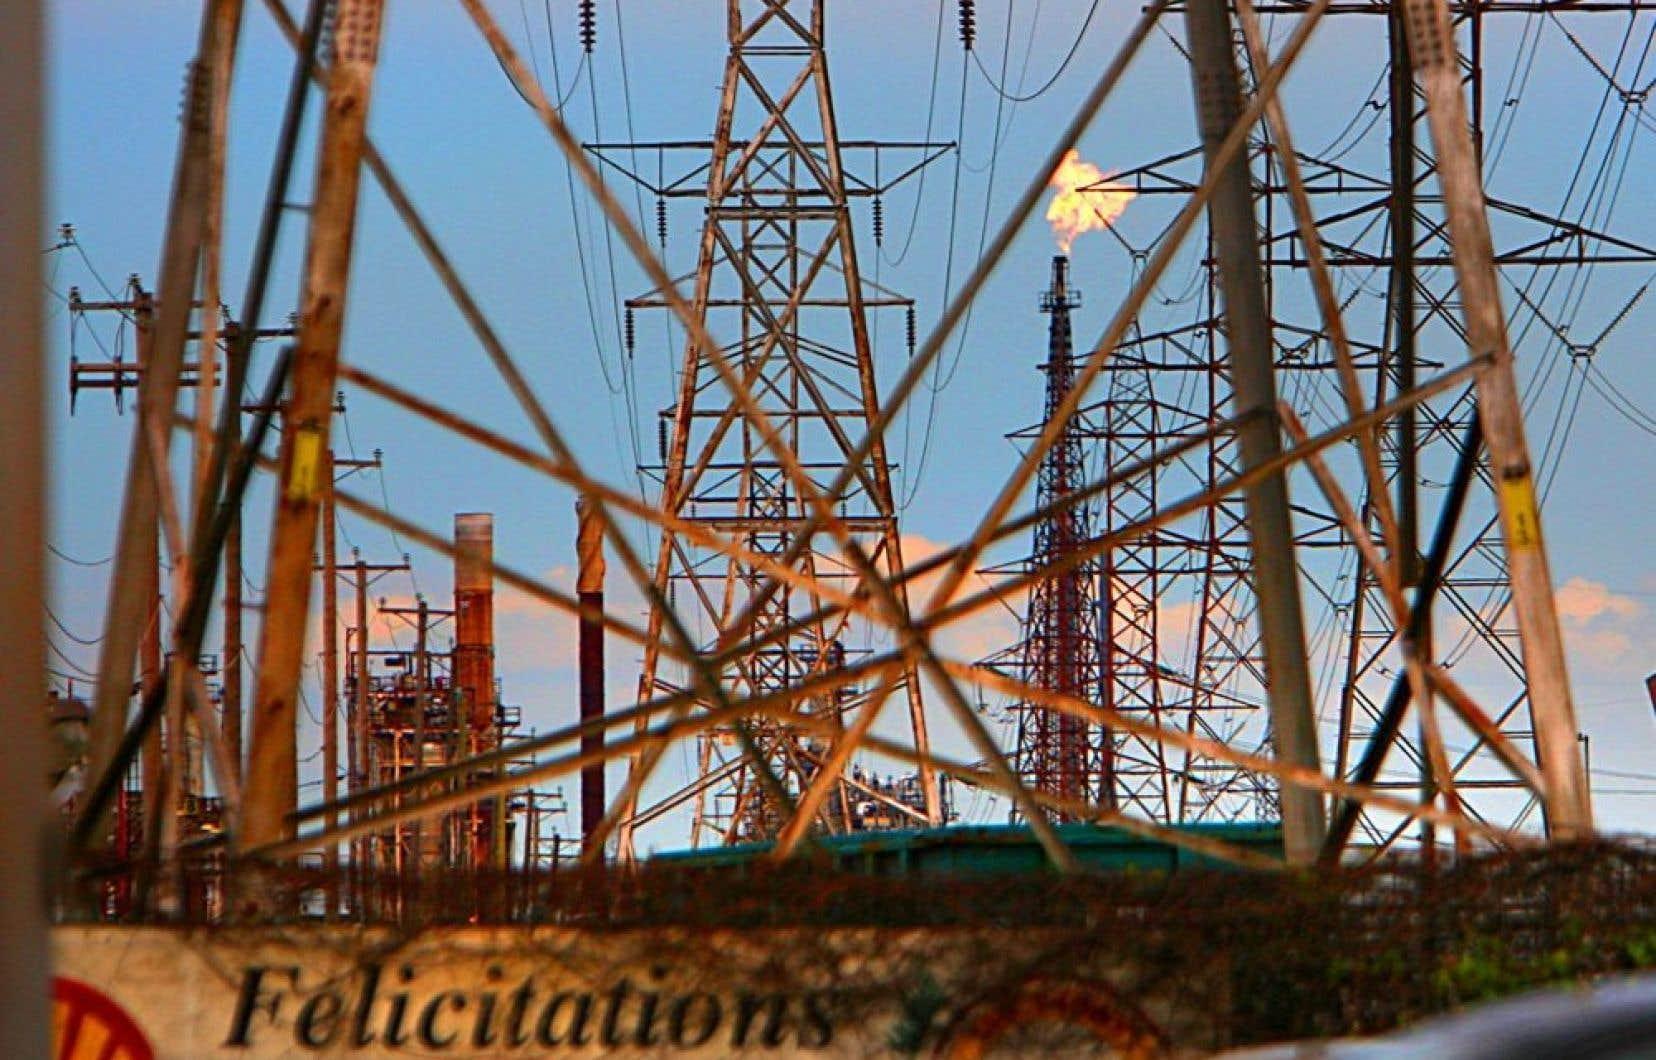 La raffinerie Shell, dans Montréal-Est.Terre d'accueil de l'industrie pétrolière au début du 20e siècle, Montréal-Est traîne un passé industriel qui a laissé des traces profondes.